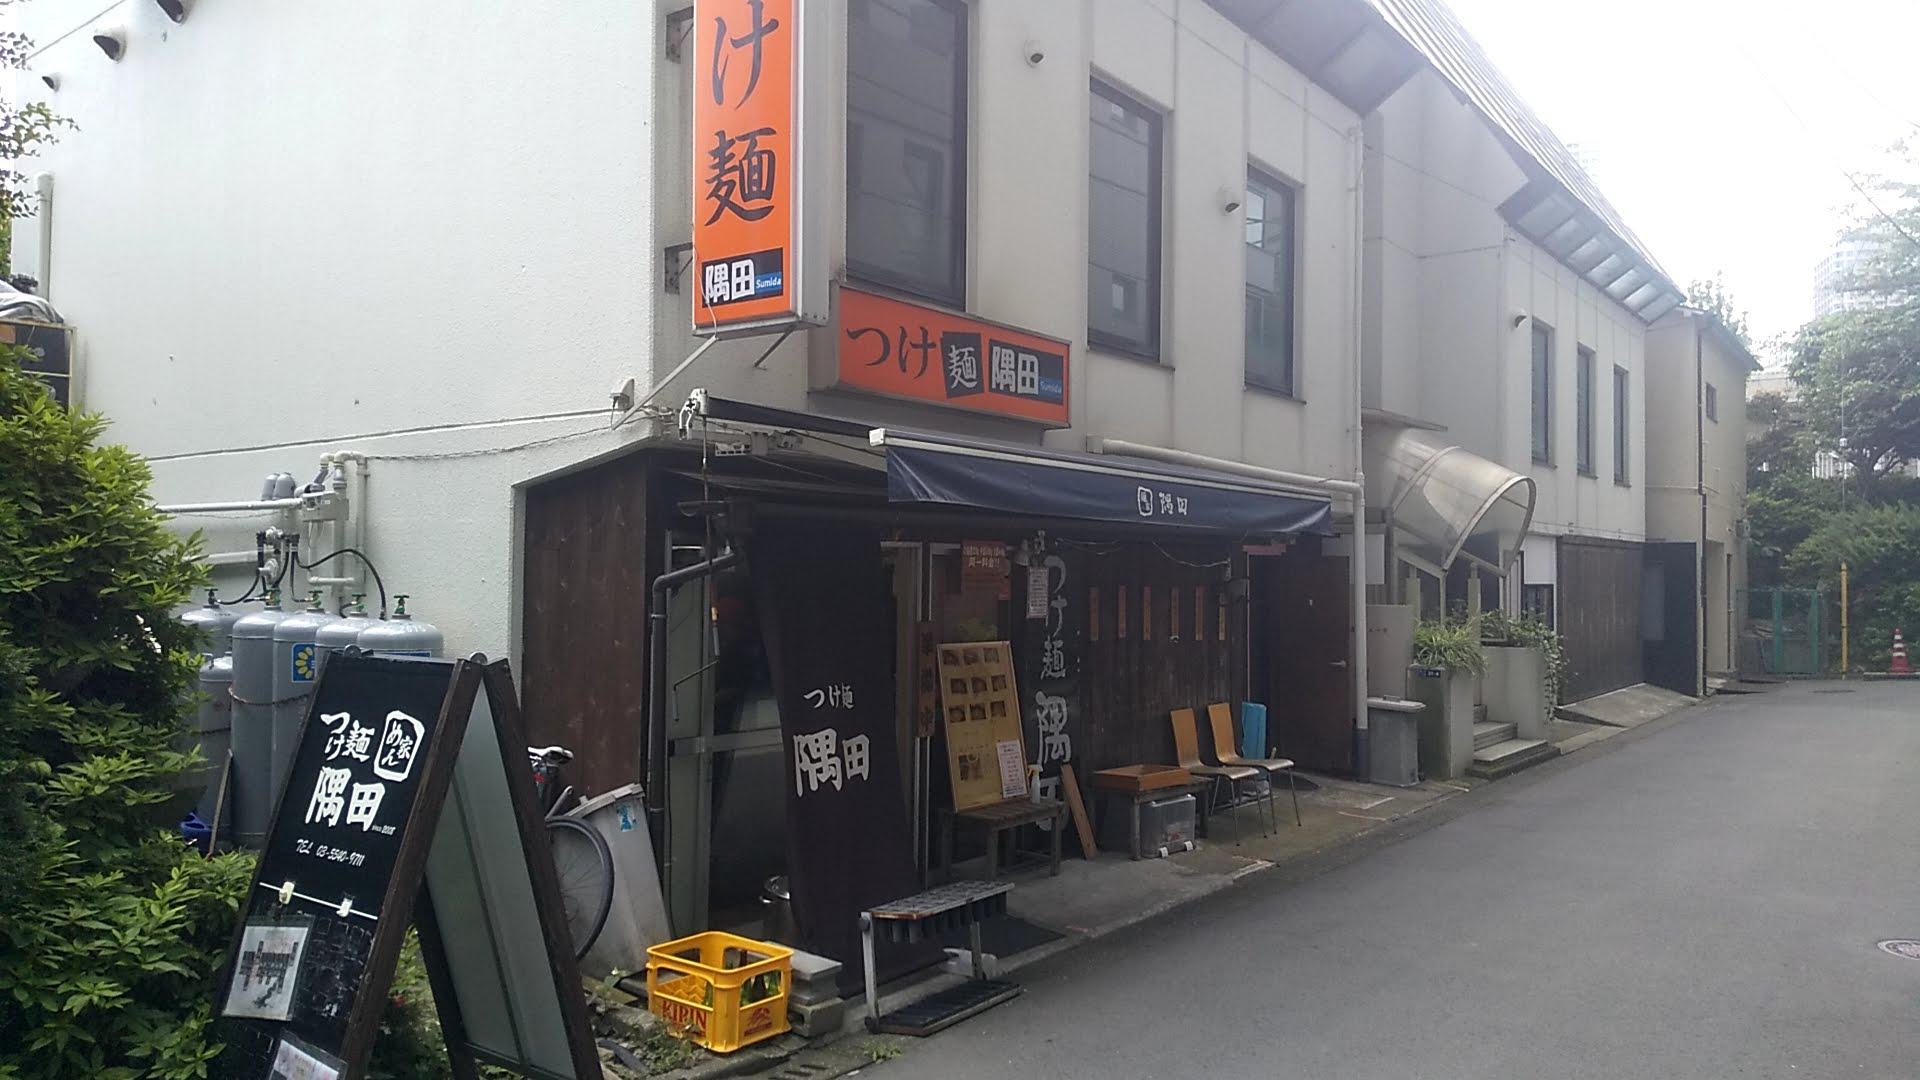 つけ麺隅田の外観